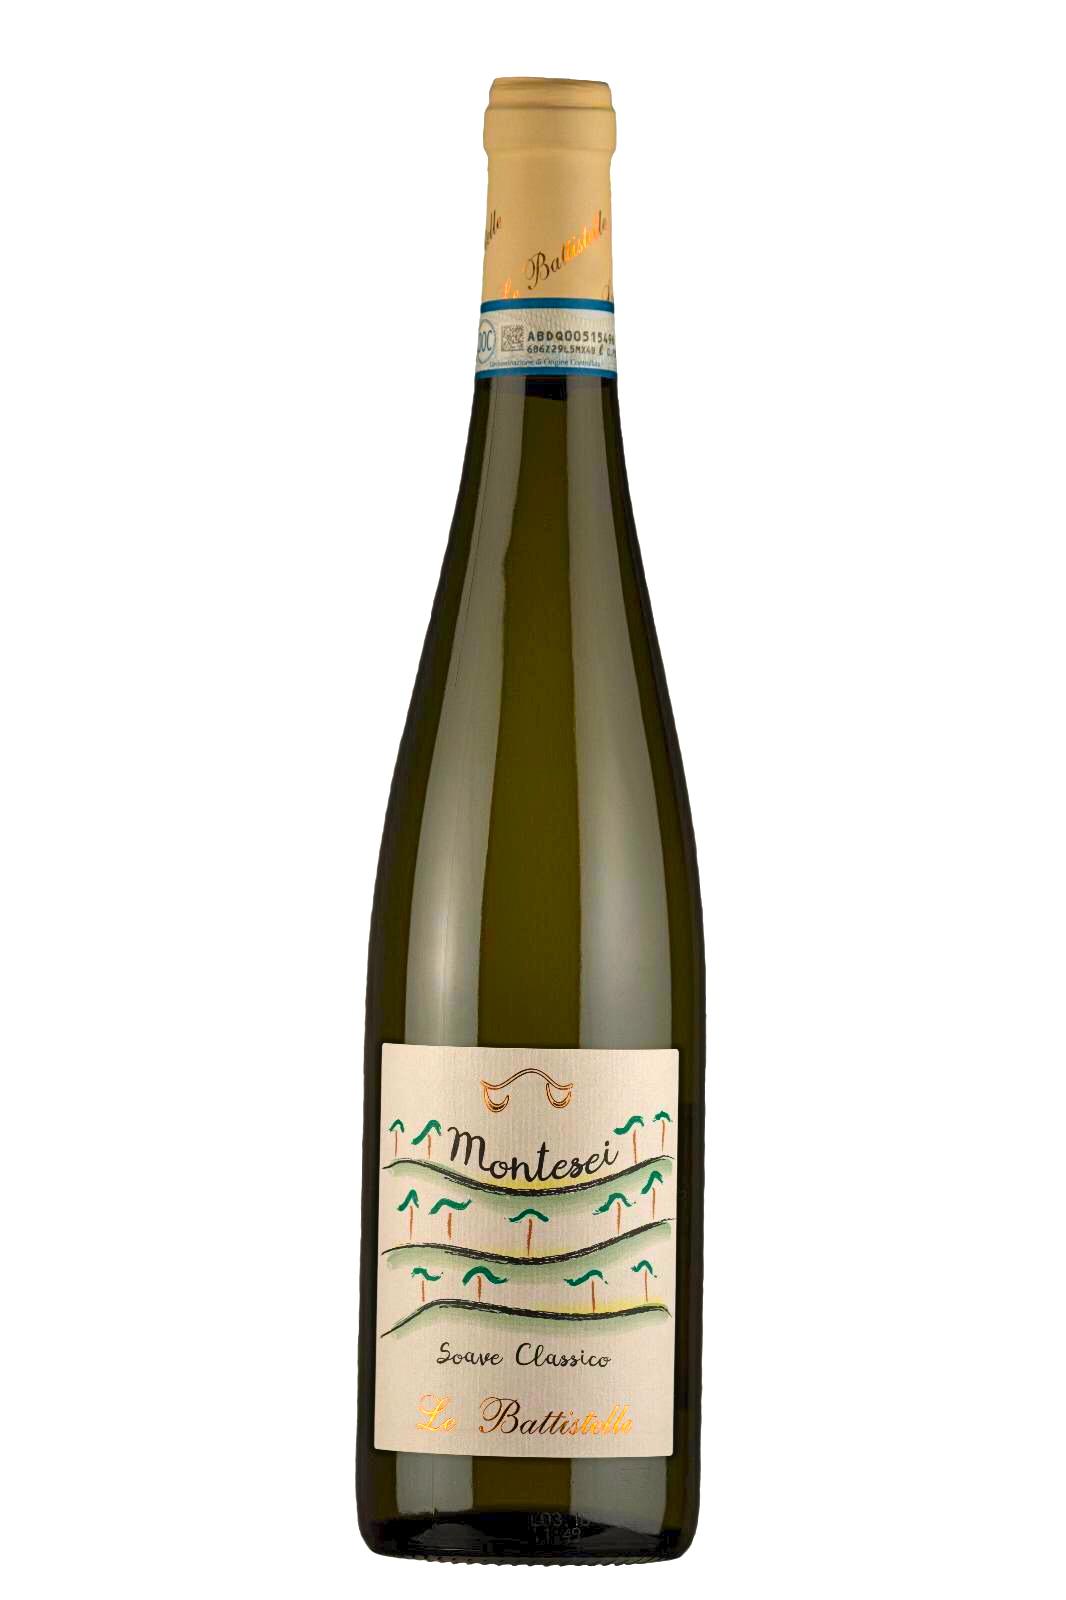 Vino bianco Soave Classico Montesei